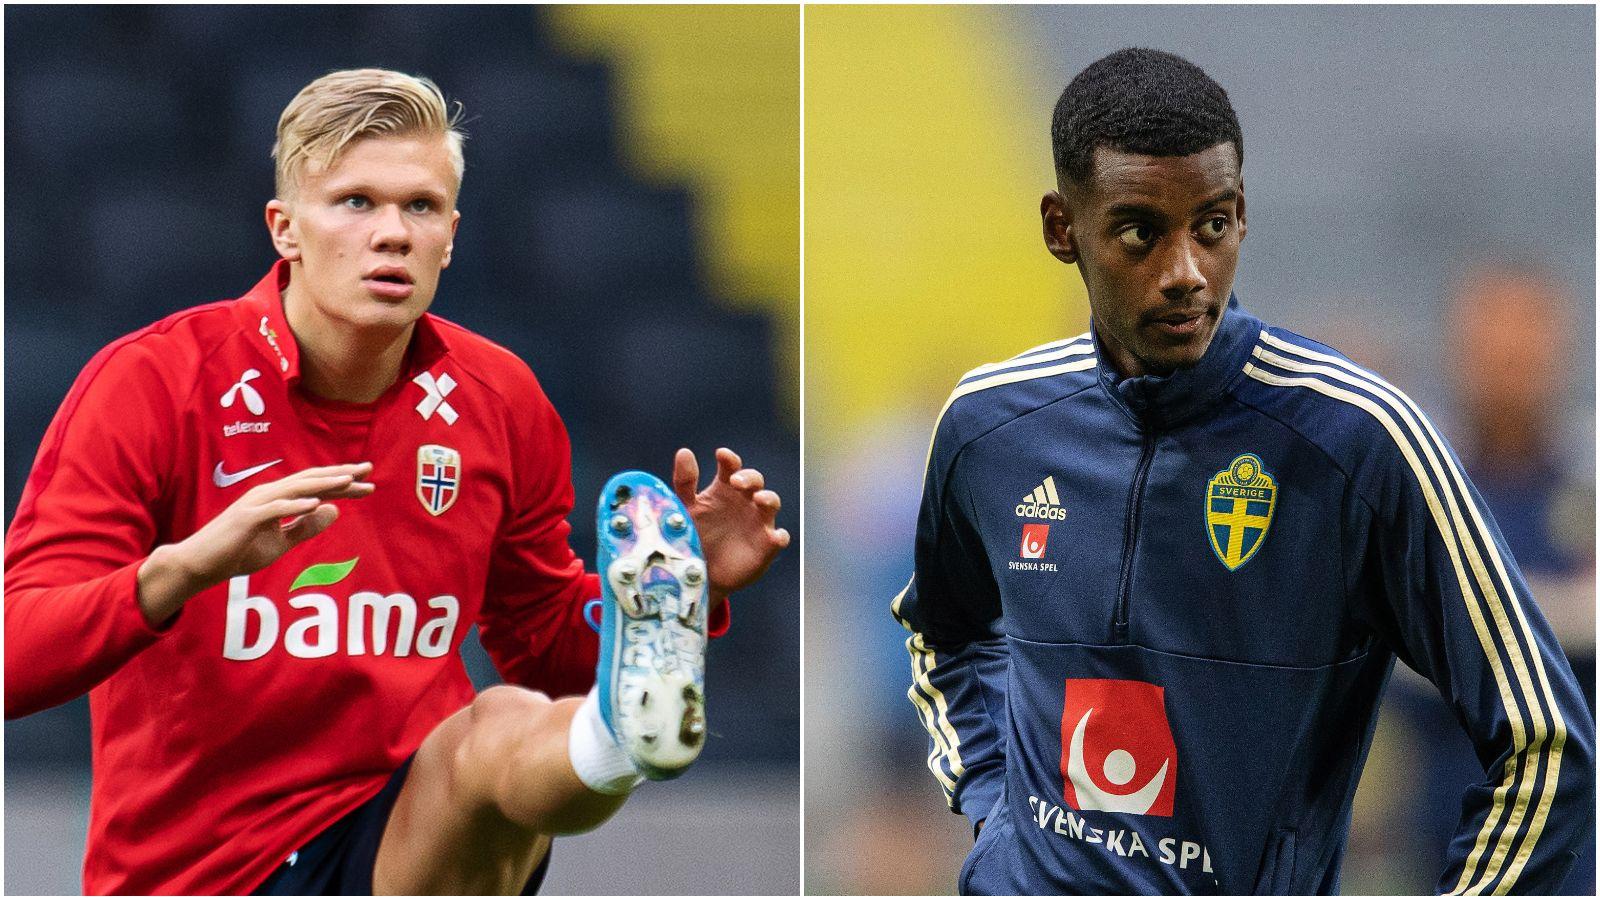 Tenåringene Erling Braut Haaland og Alexander Isak gir henholdsvis Norge og Sverige håp for fremtiden.